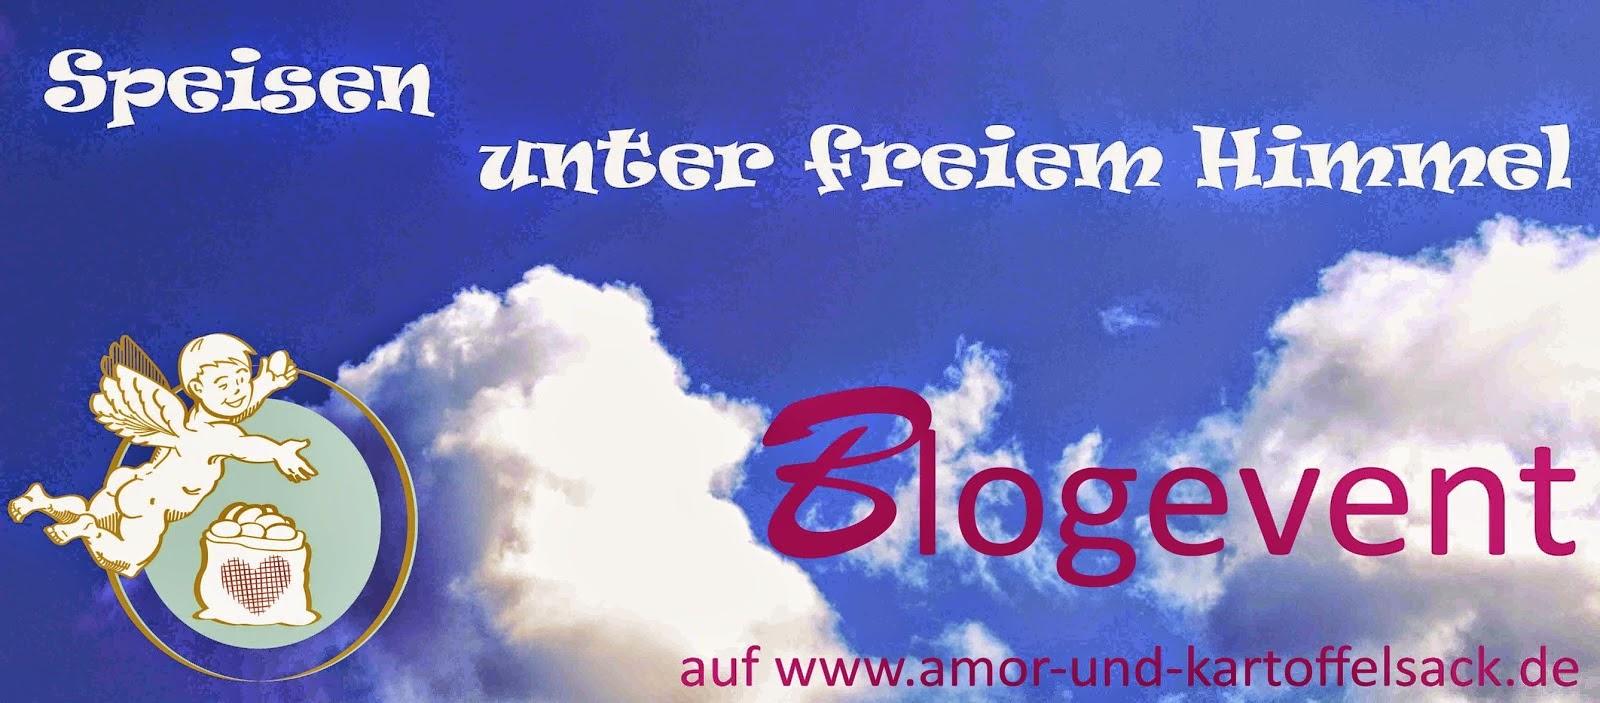 http://amorundkartoffelsack.blogspot.de/2014/07/blogevent-speisen-unter-freiem-himmel.html